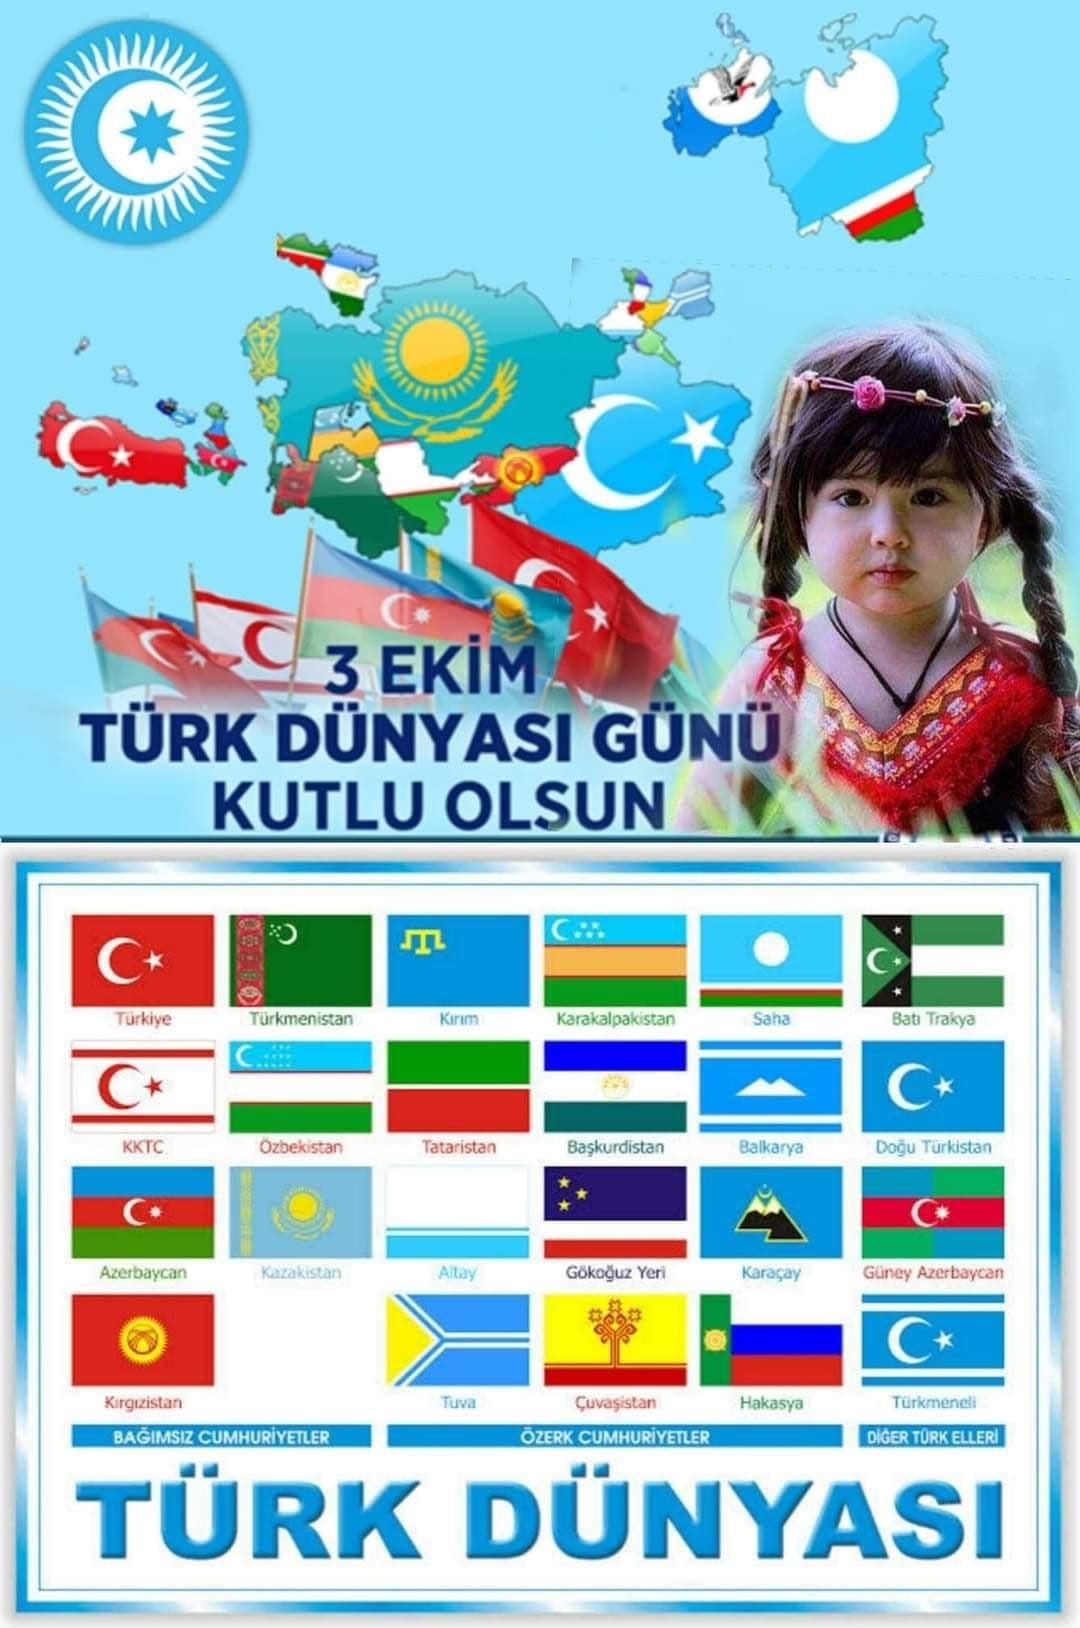 """""""DİLDE, FİKİRDE, İŞTE BİRLİK""""İN MÜMKÜN YOLLARI - Prof. Dr. Nurullah Çetin"""